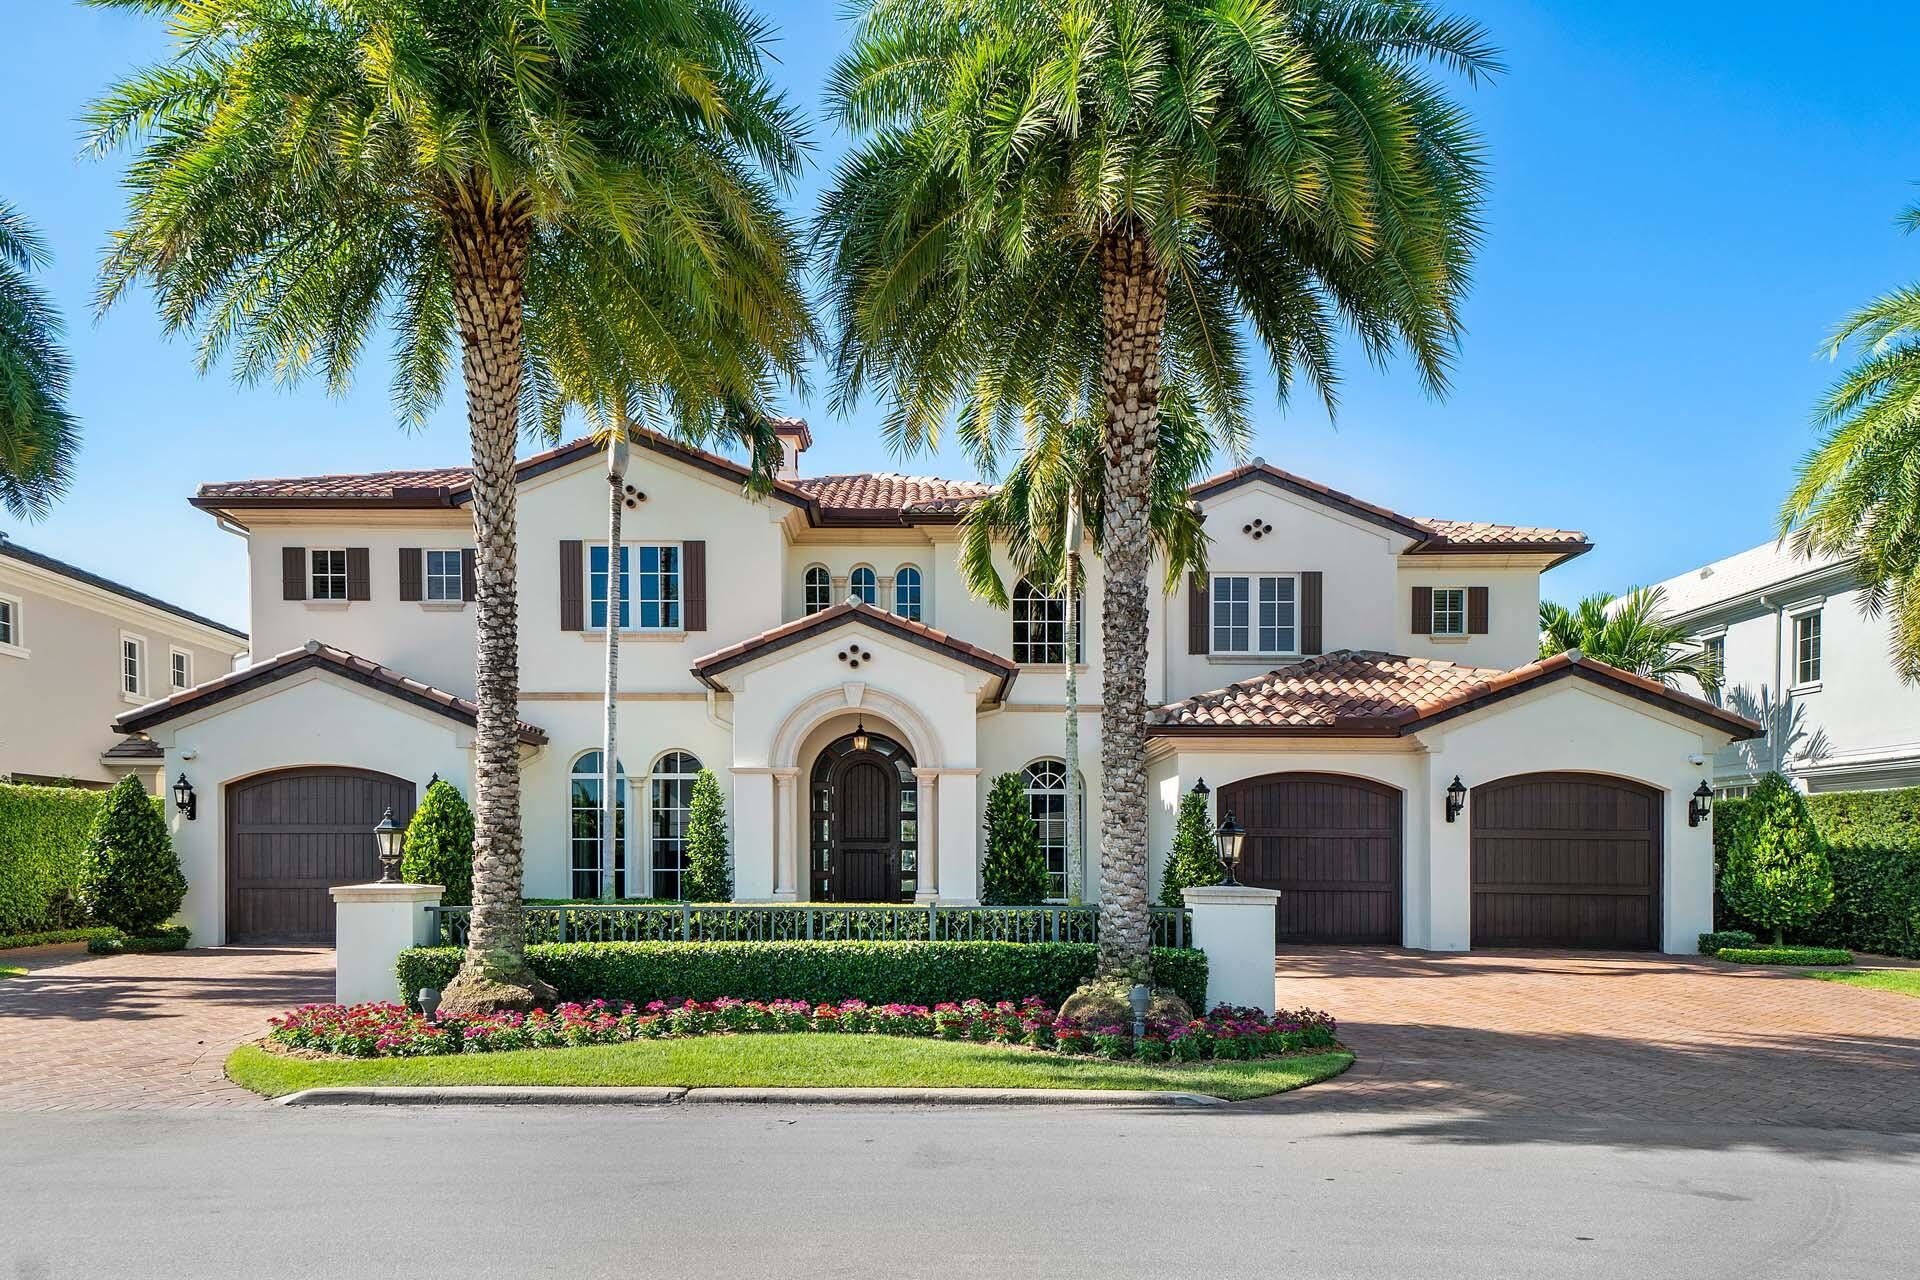 230 S Maya Palm Drive, Boca Raton, FL 33432 - MLS#: RX-10713078